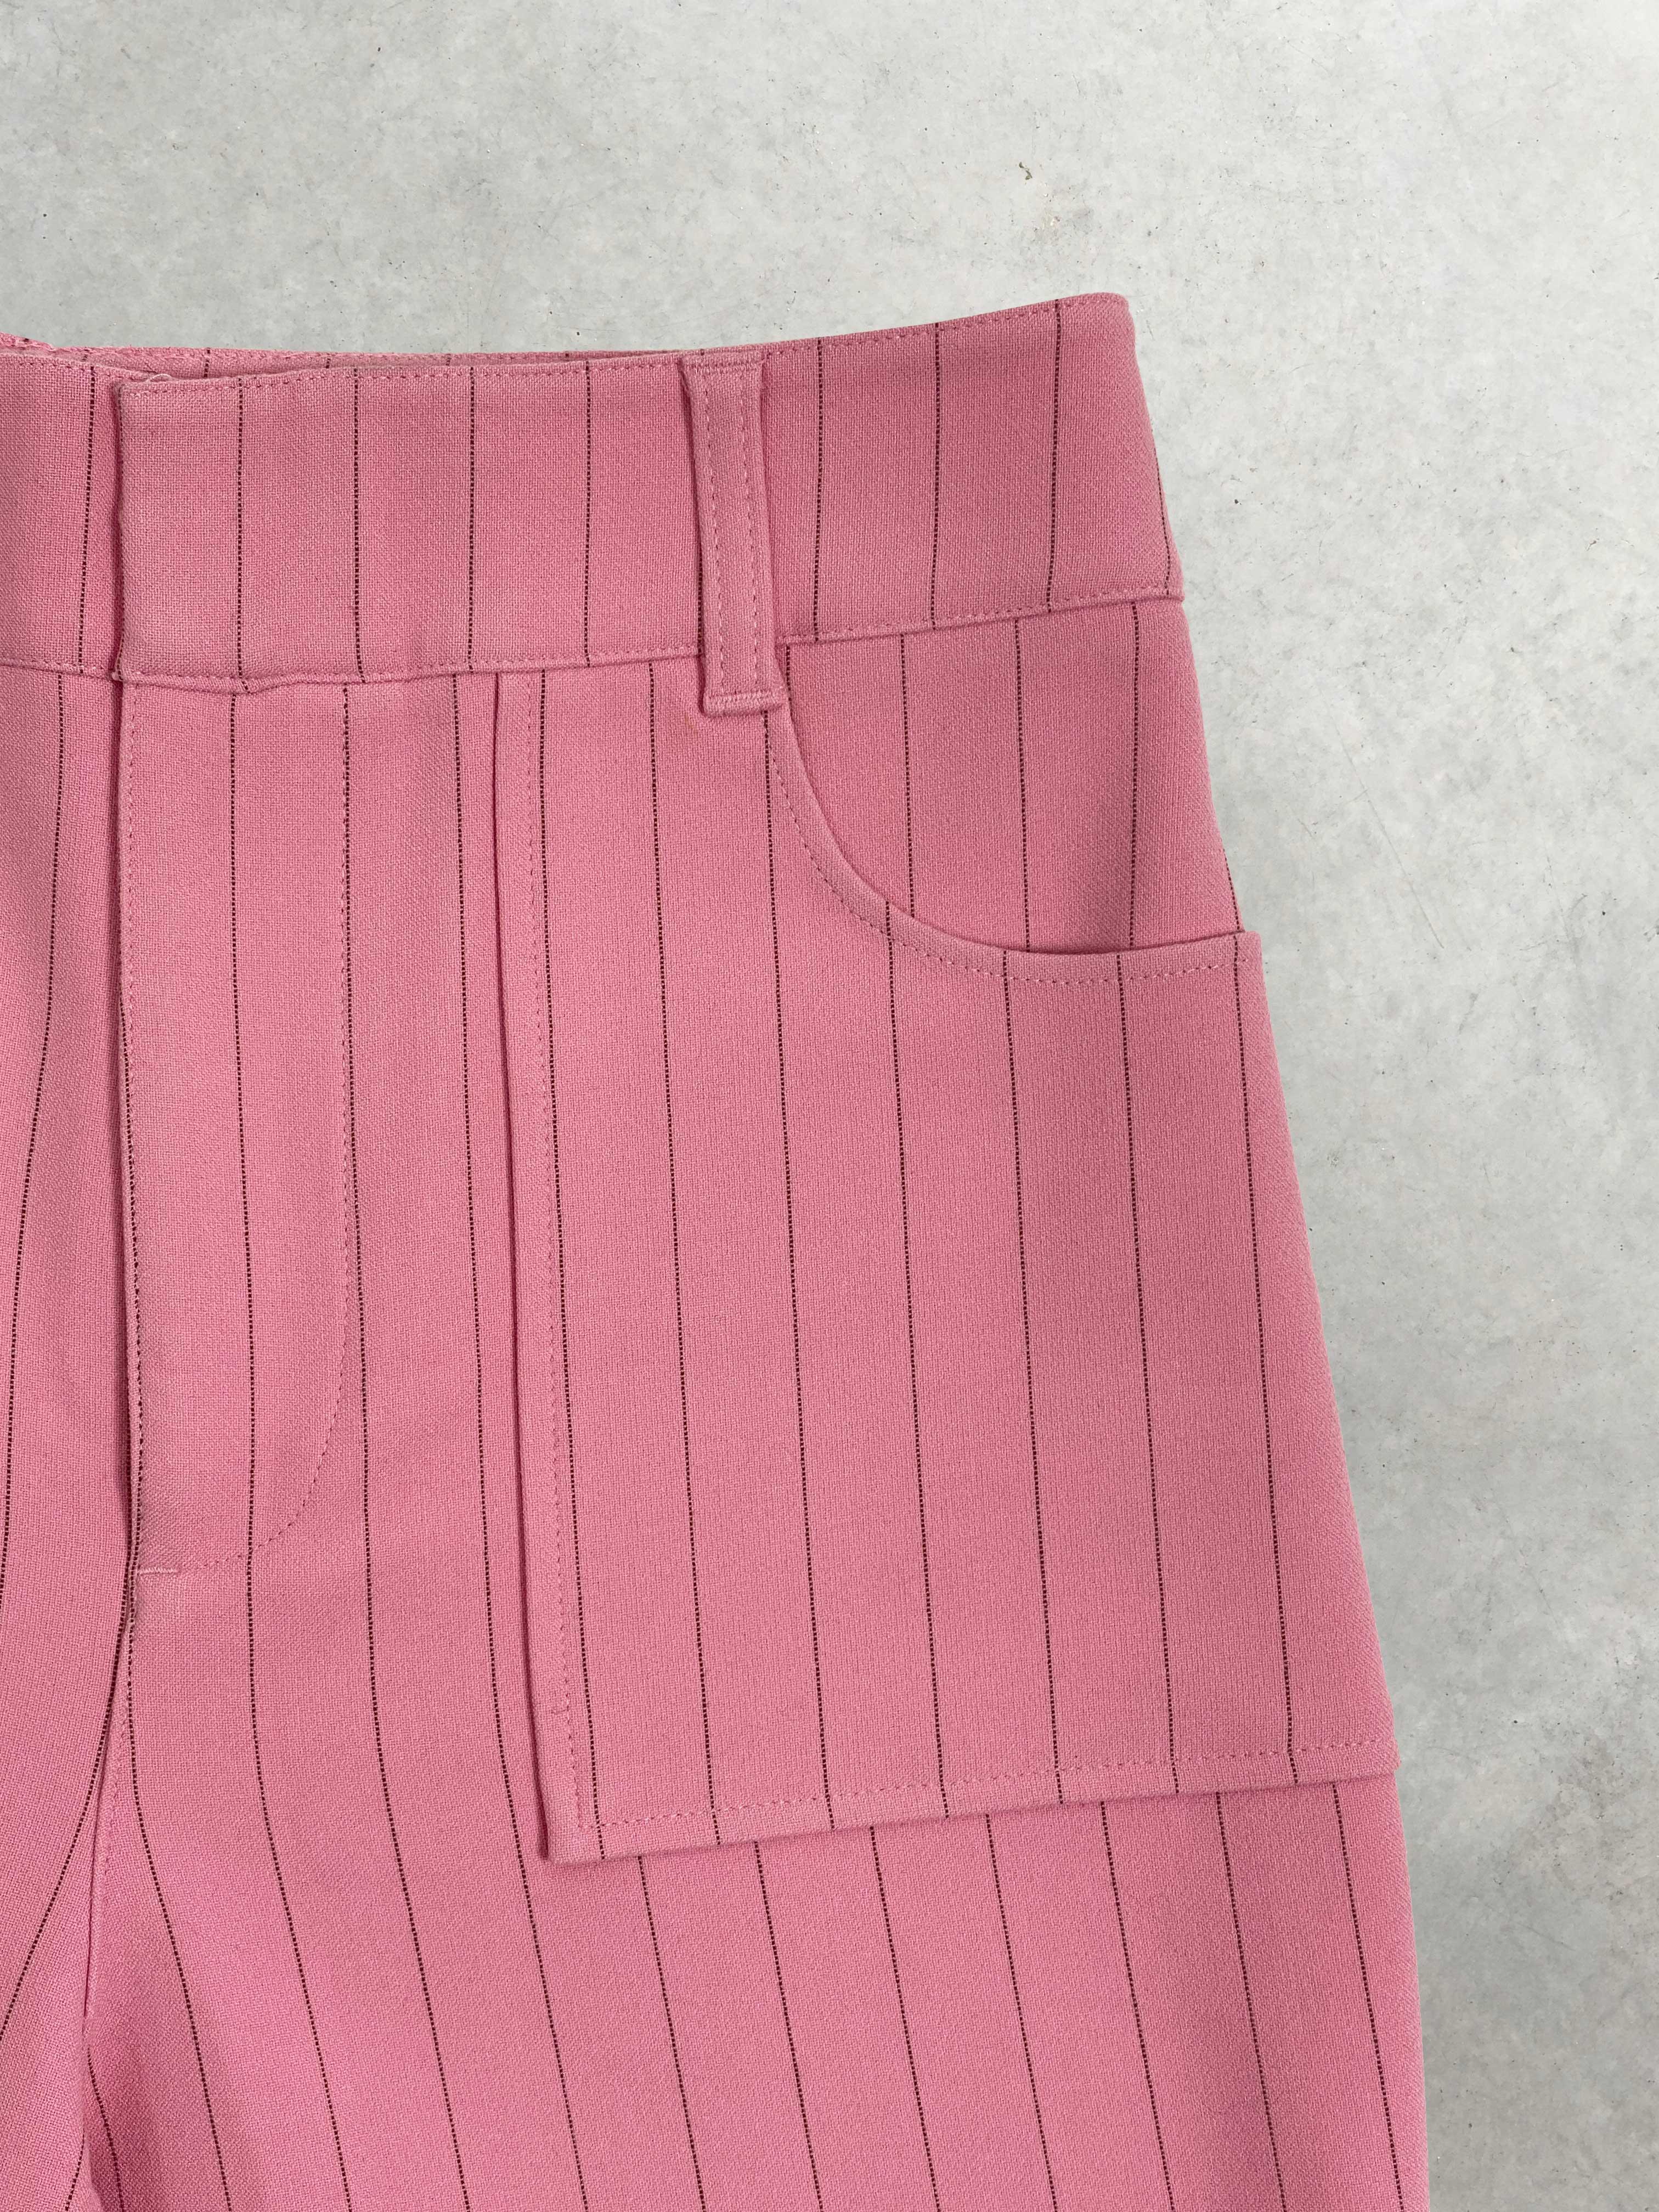 Packshot du produit Pantalon droit en crêpe à fines rayures de la catégorie Pantalons & Combis